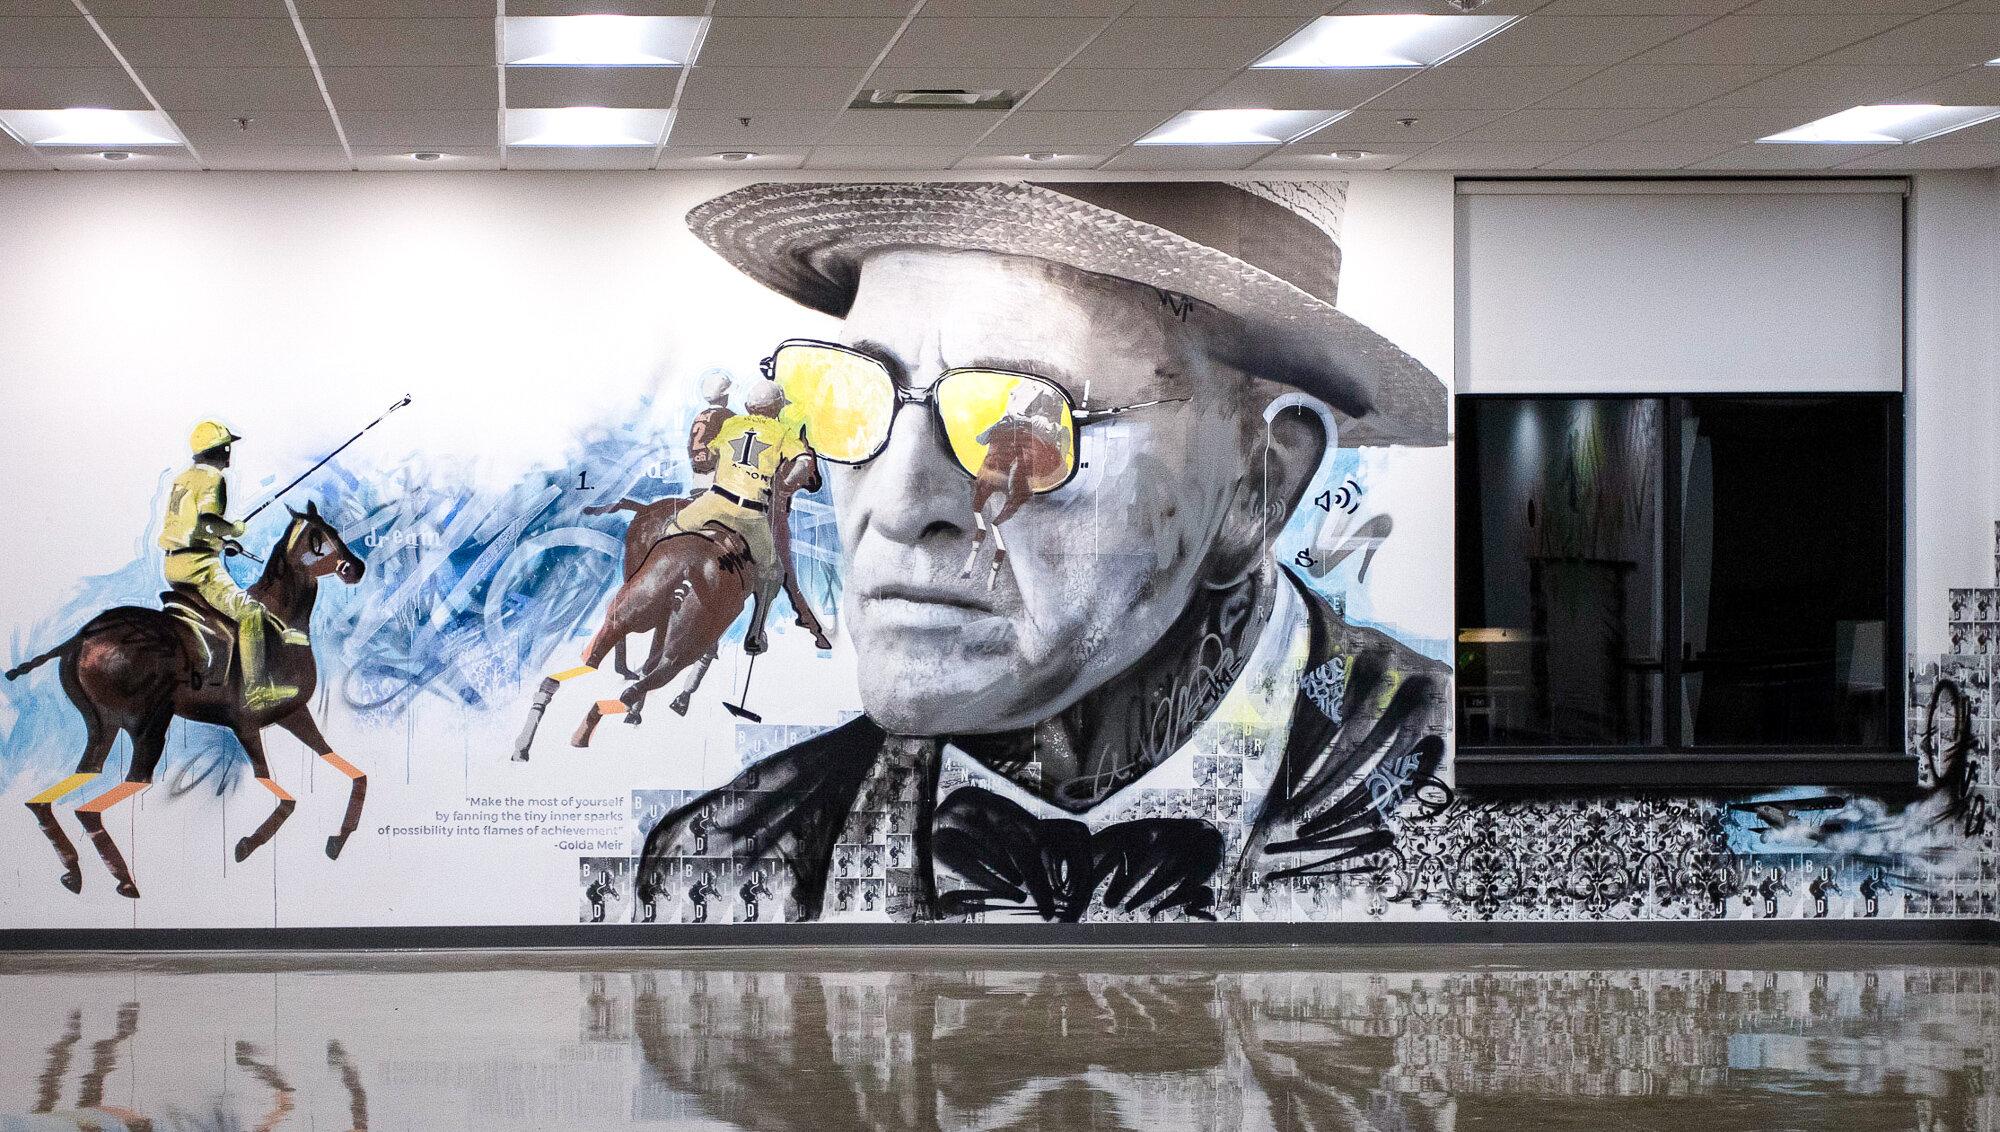 vltrr-detroit-collage-john-sippel-art-mural-wetiko-wheatpaste.jpg